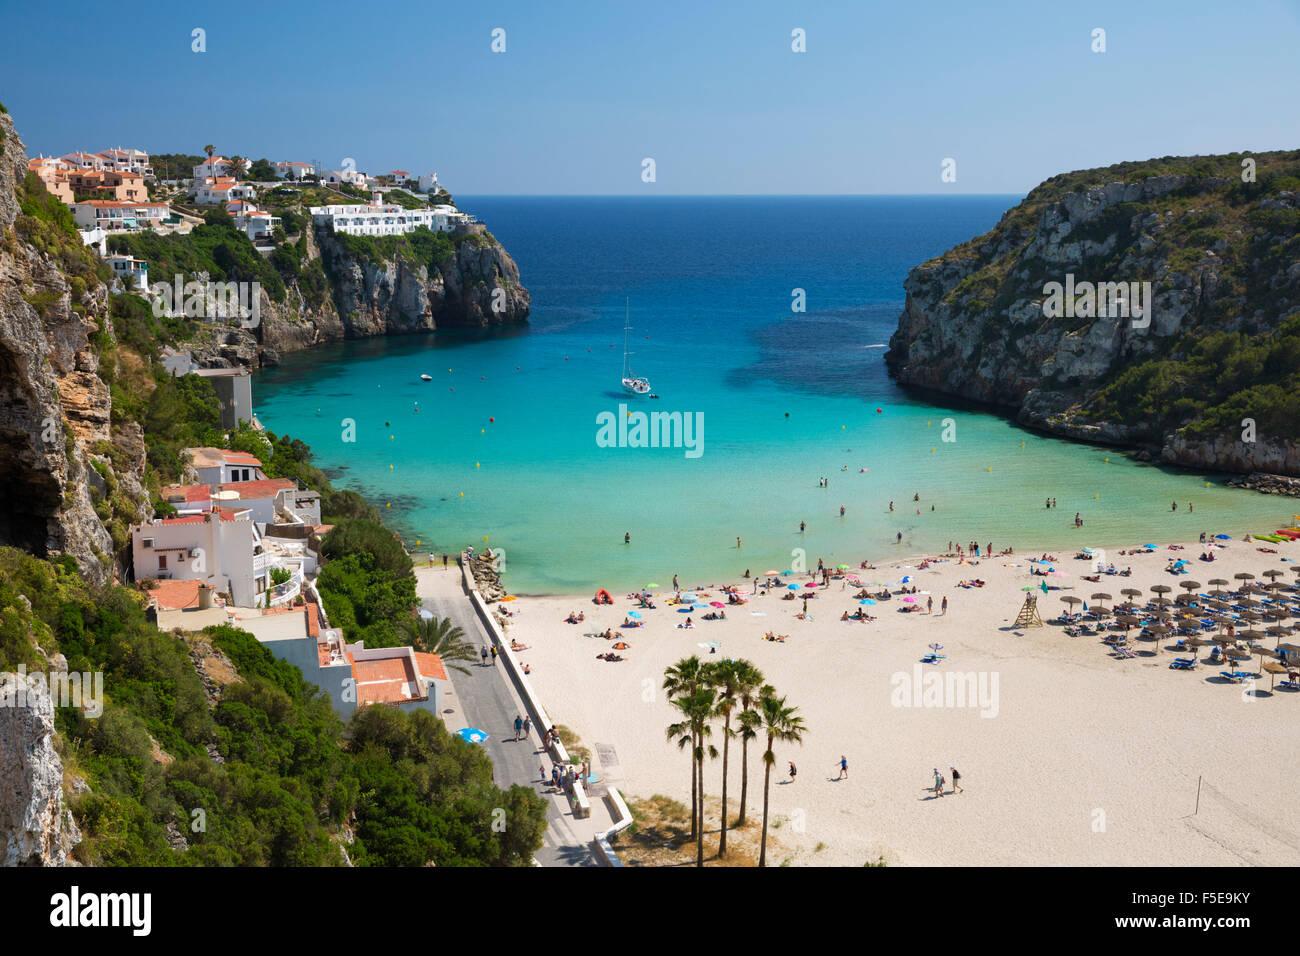 Vue sur plage, Cala en Porter, côte sud-est de Minorque, Espagne, Europe, Méditerranée Photo Stock